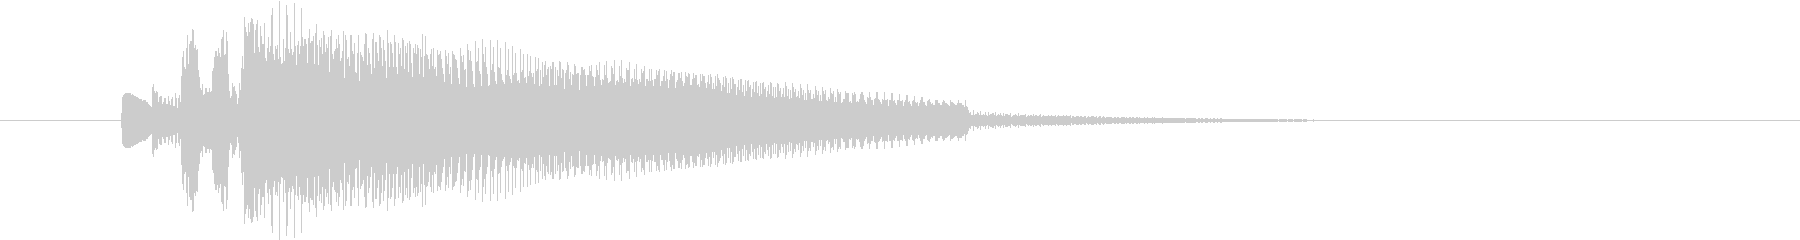 終わり、場面切り替え等を表現したジングルの未再生の波形